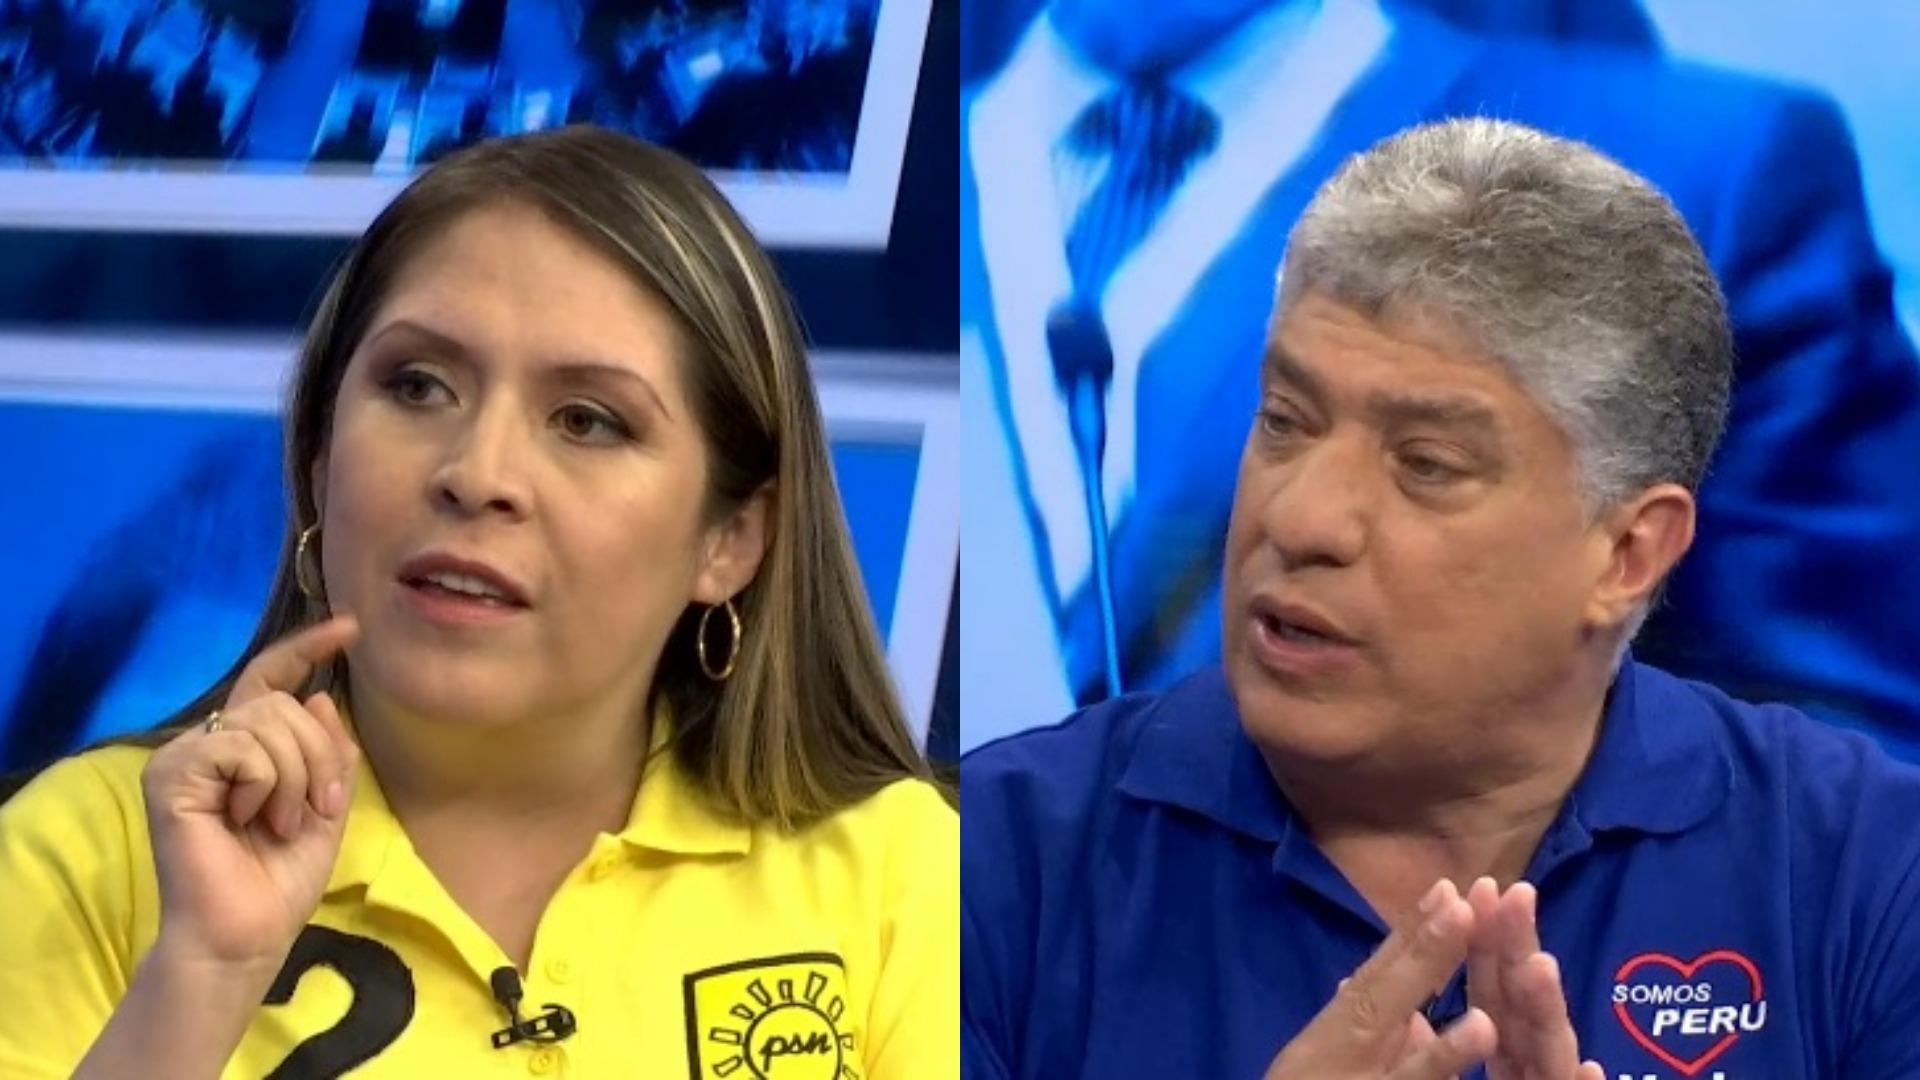 Los candidatos Yeni Vilcatoma (Solidaridad Nacional) y Manuel Masías (Somos Perú) plantearon sus propuestas en el programa